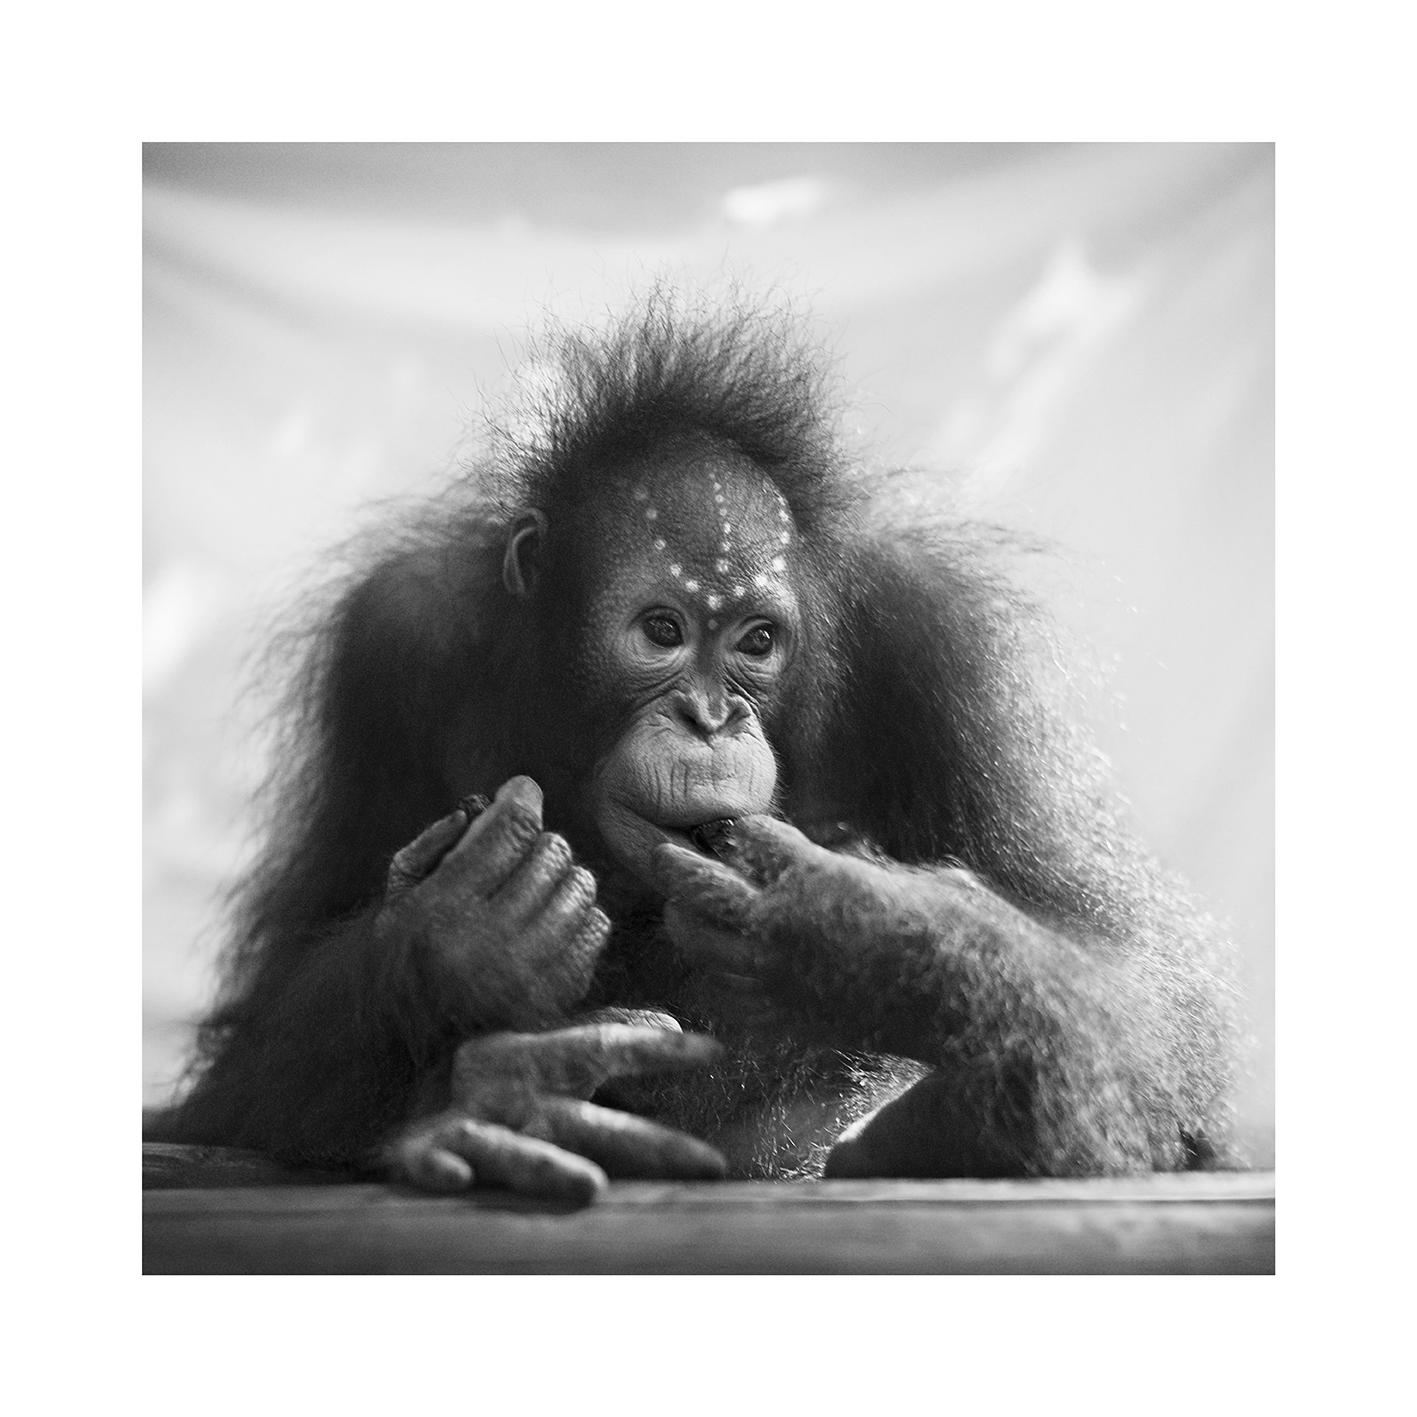 Lovely phot of orangutan baby Fajar